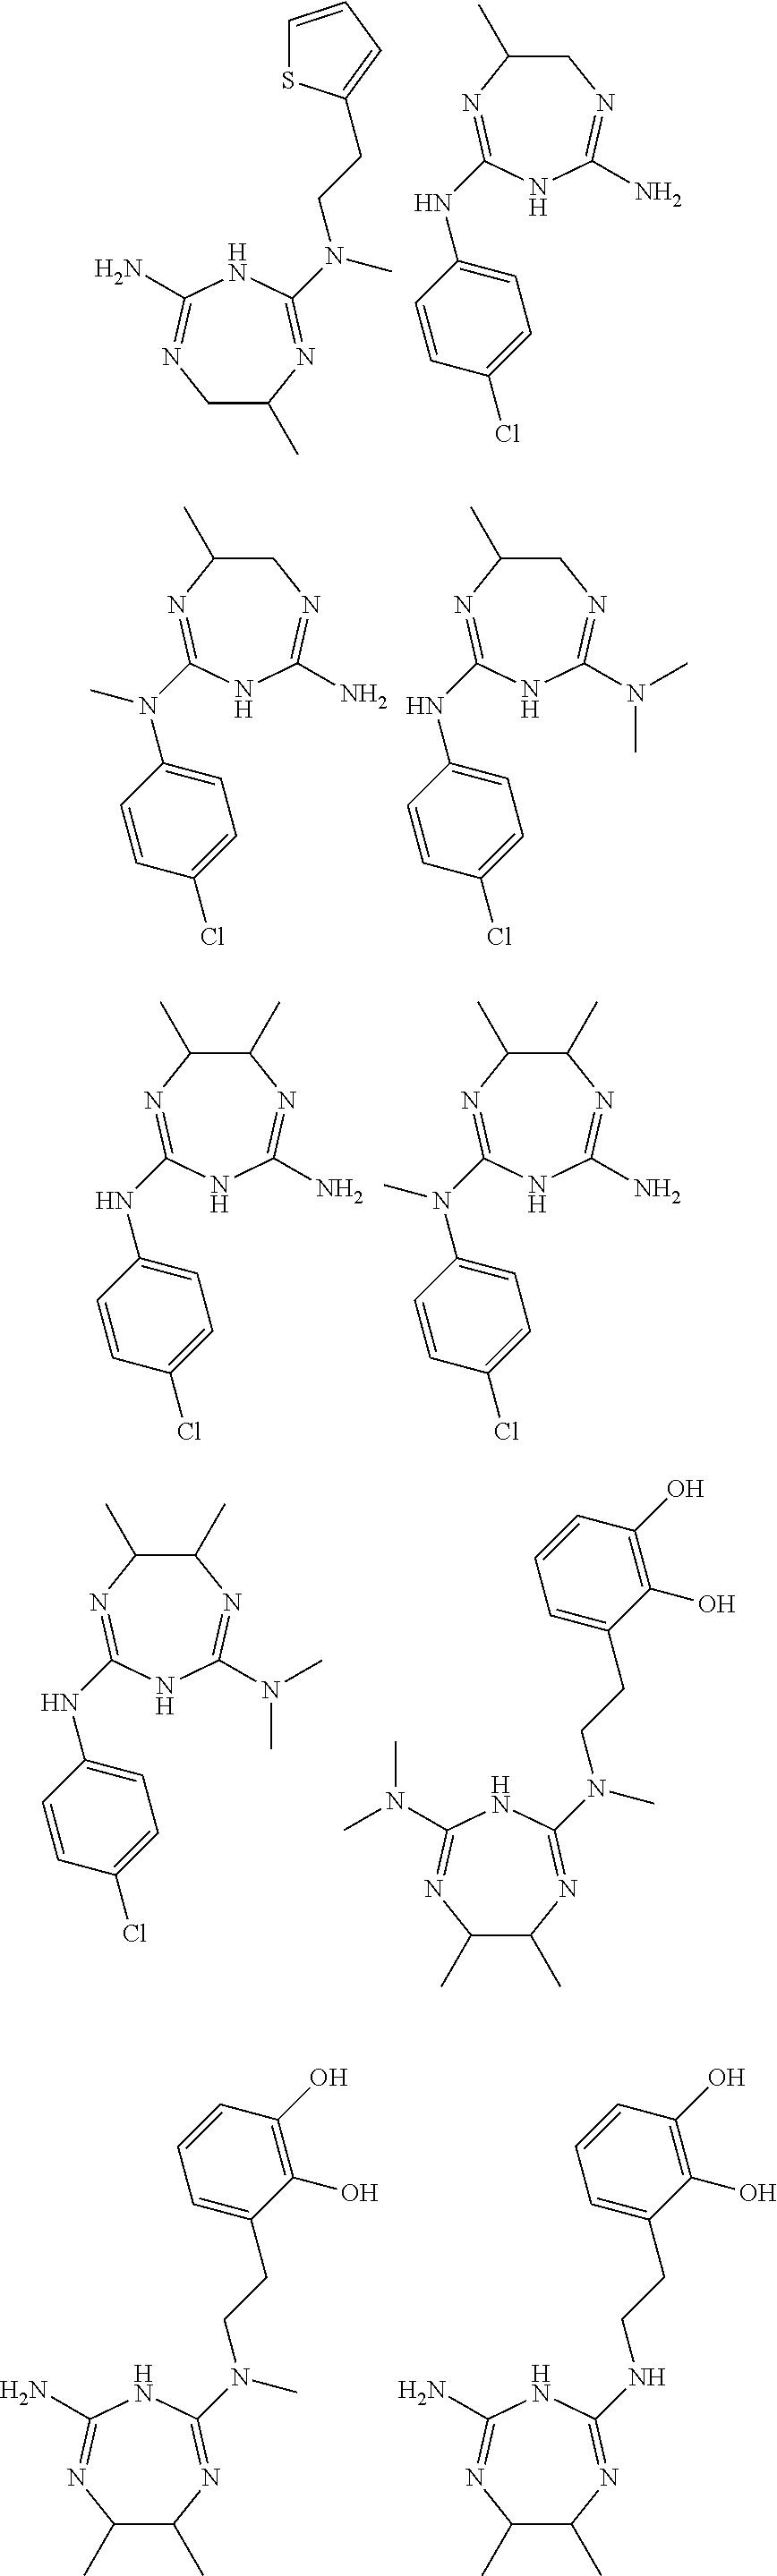 Figure US09480663-20161101-C00216